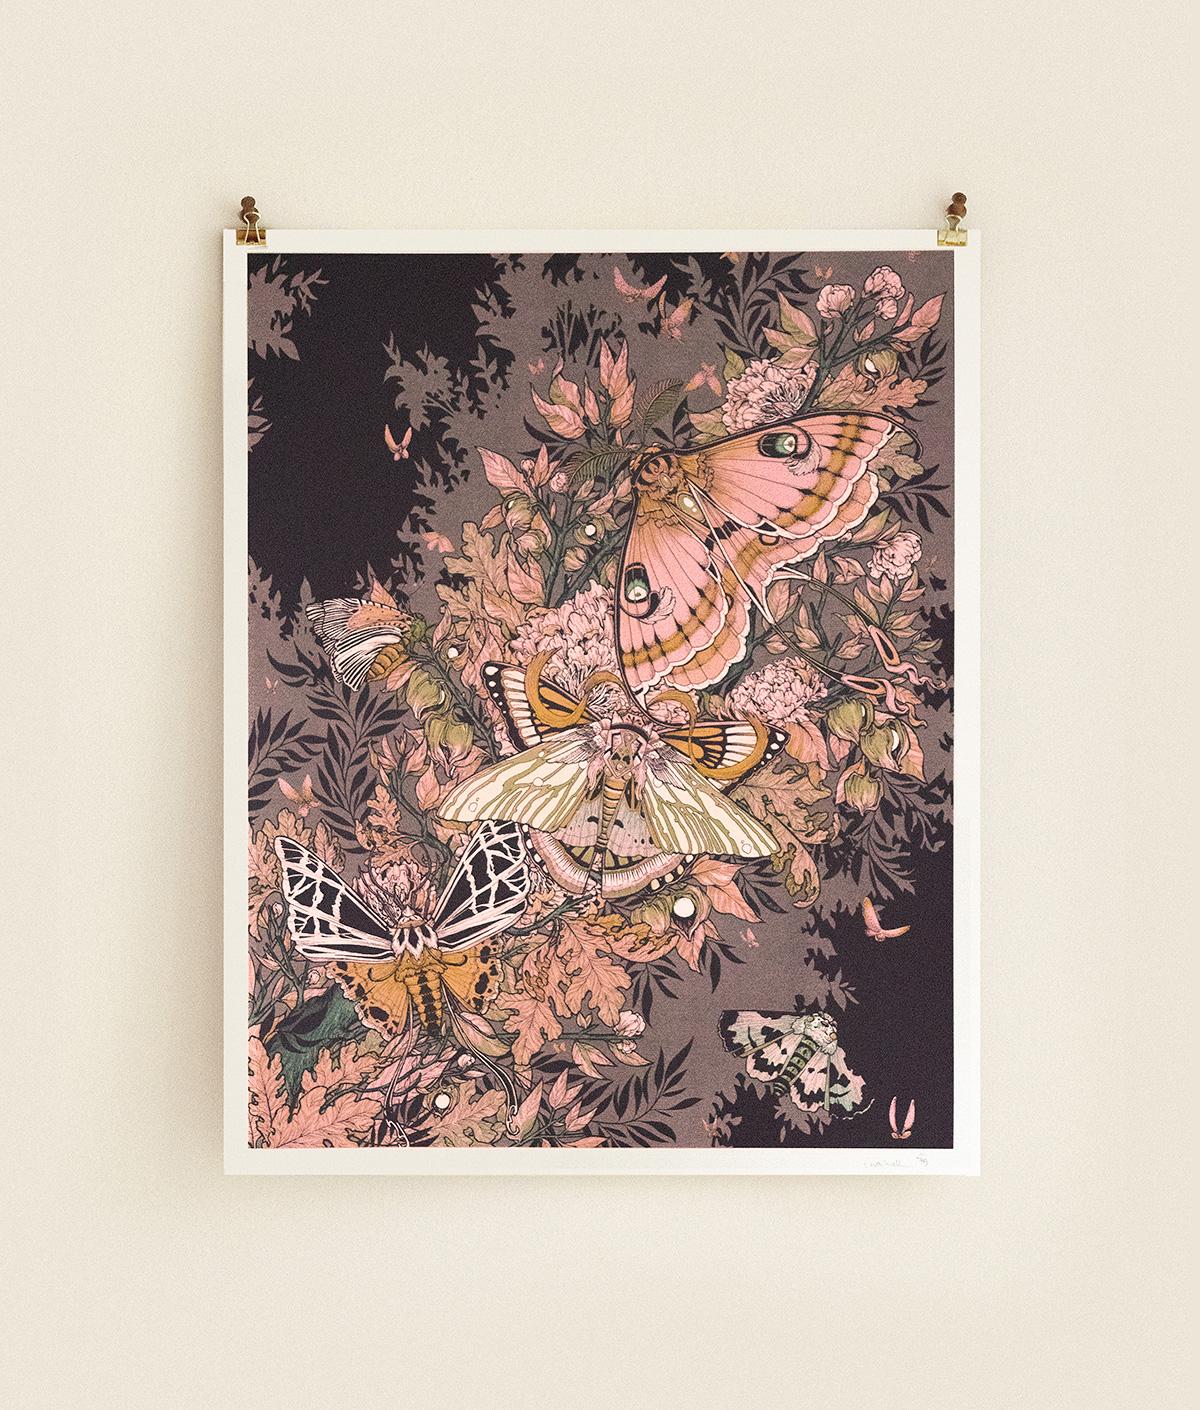 EricaButterflies_Wall_1200w.jpg